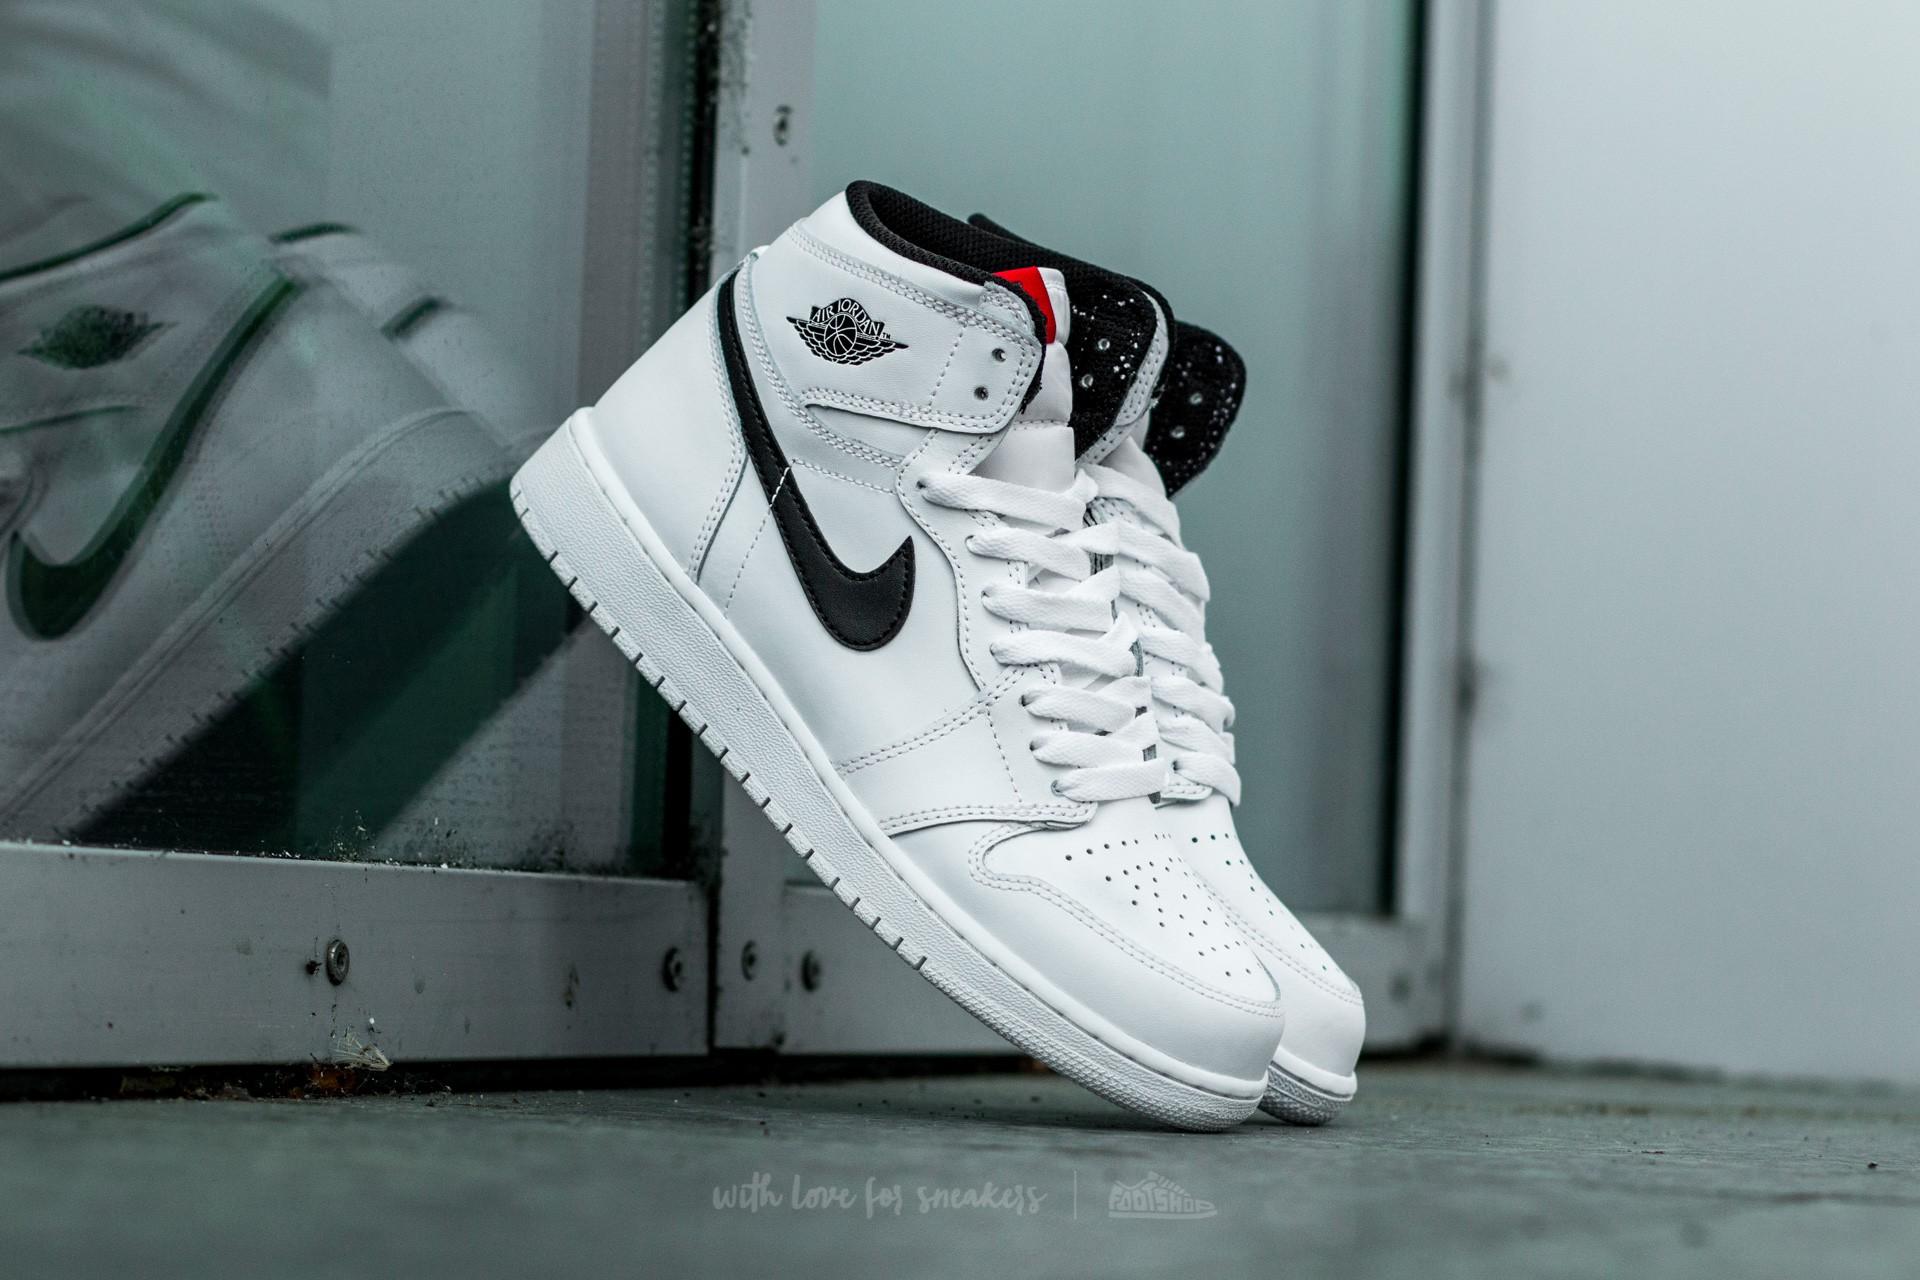 Air Jordan 1 Retro High OG (BG) White  Black-White-University Red ... 7ddb6566af